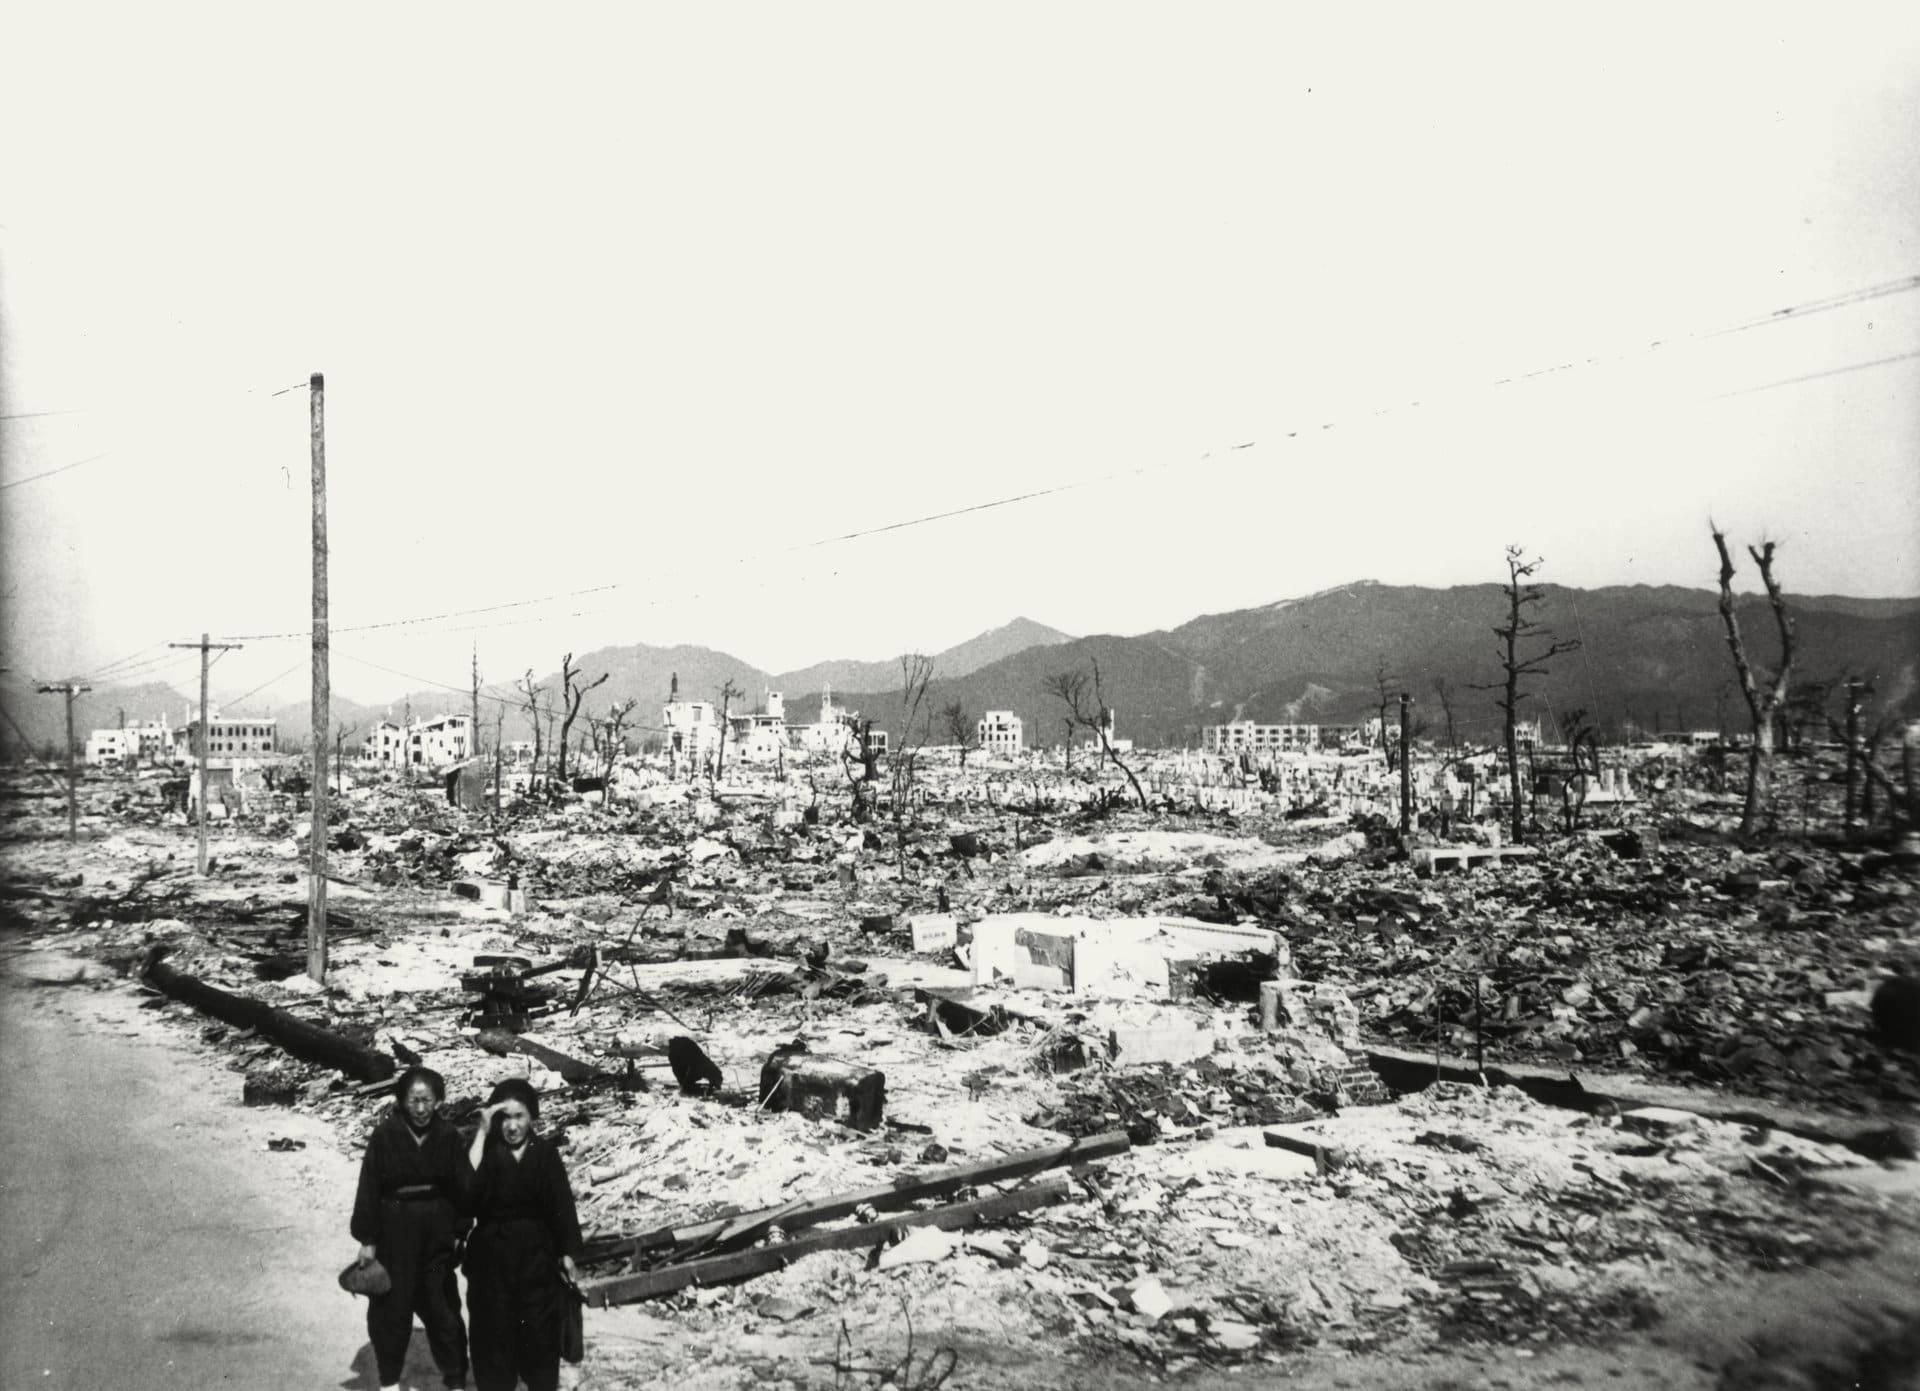 Tohle zbylo z Hirošimy, když se Američané rozhodli vypustit atomovou bombu.